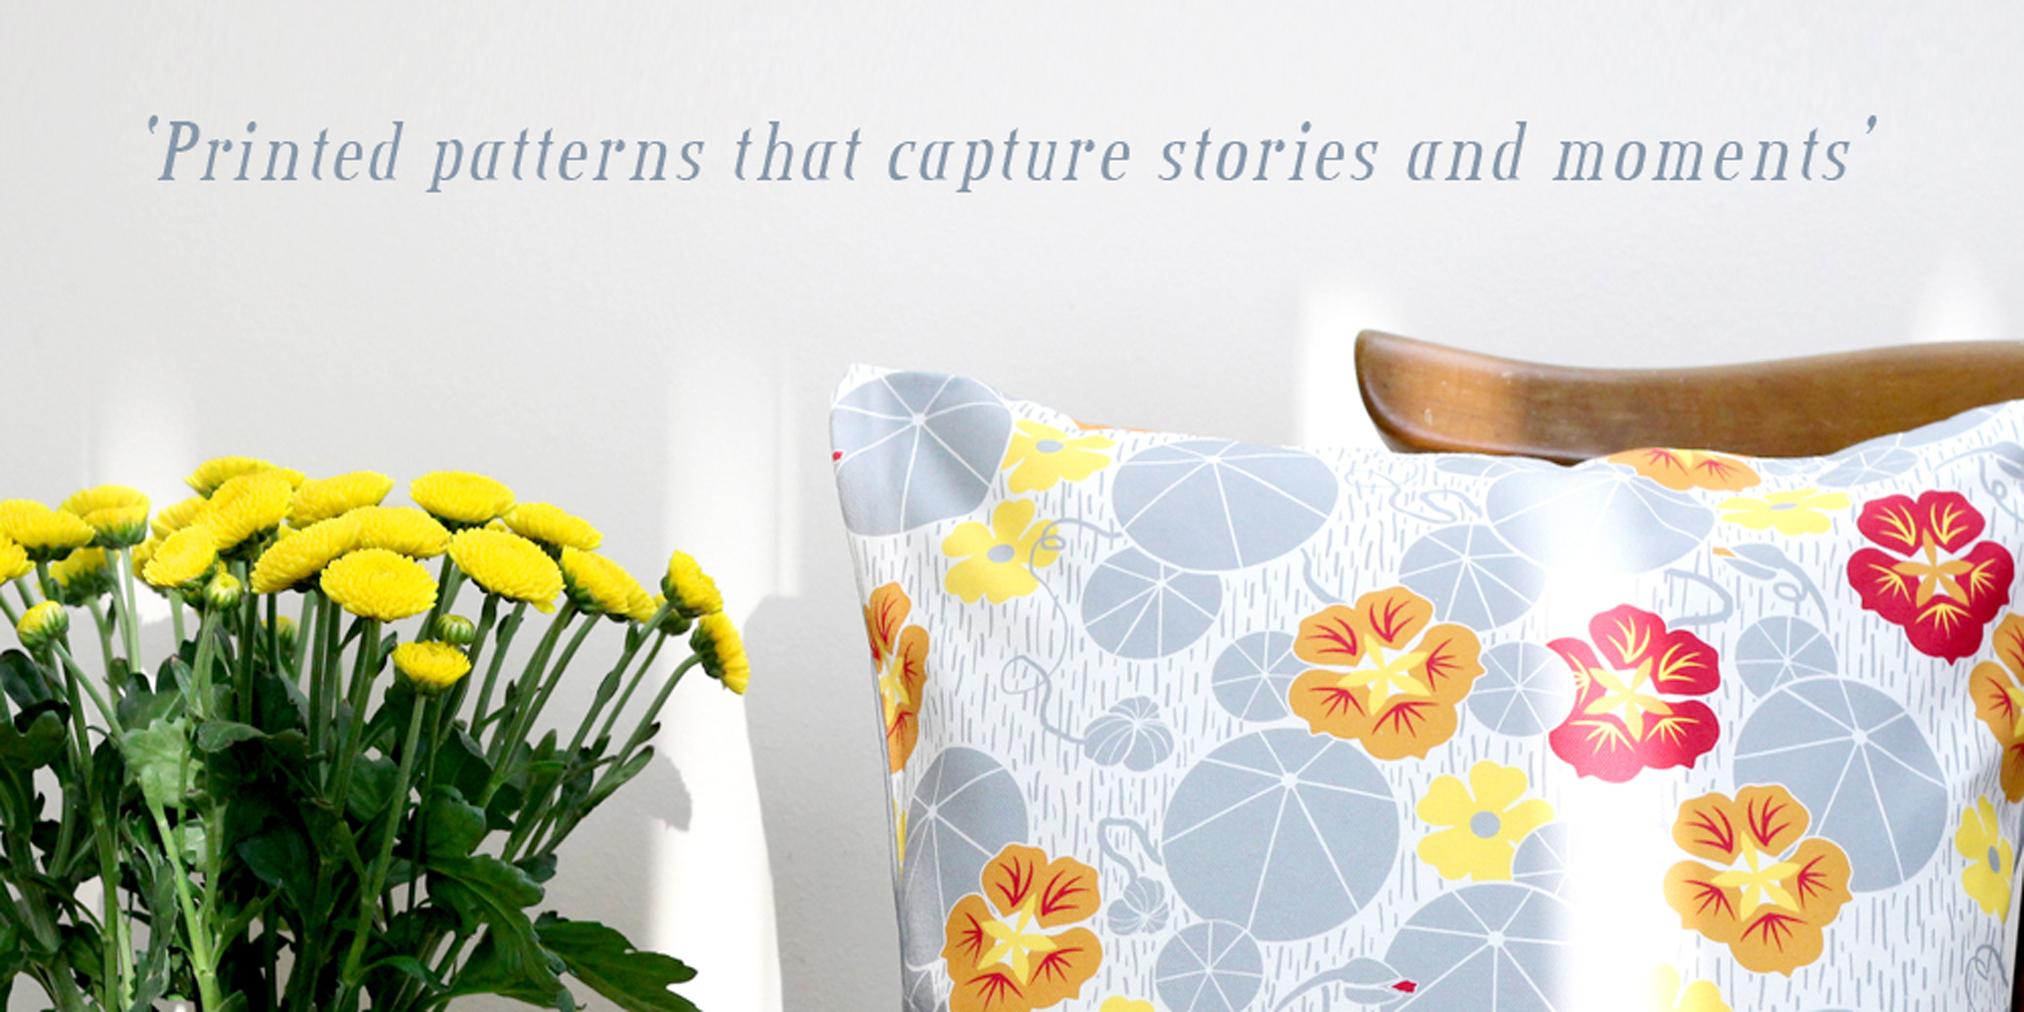 printed patterns.jpg